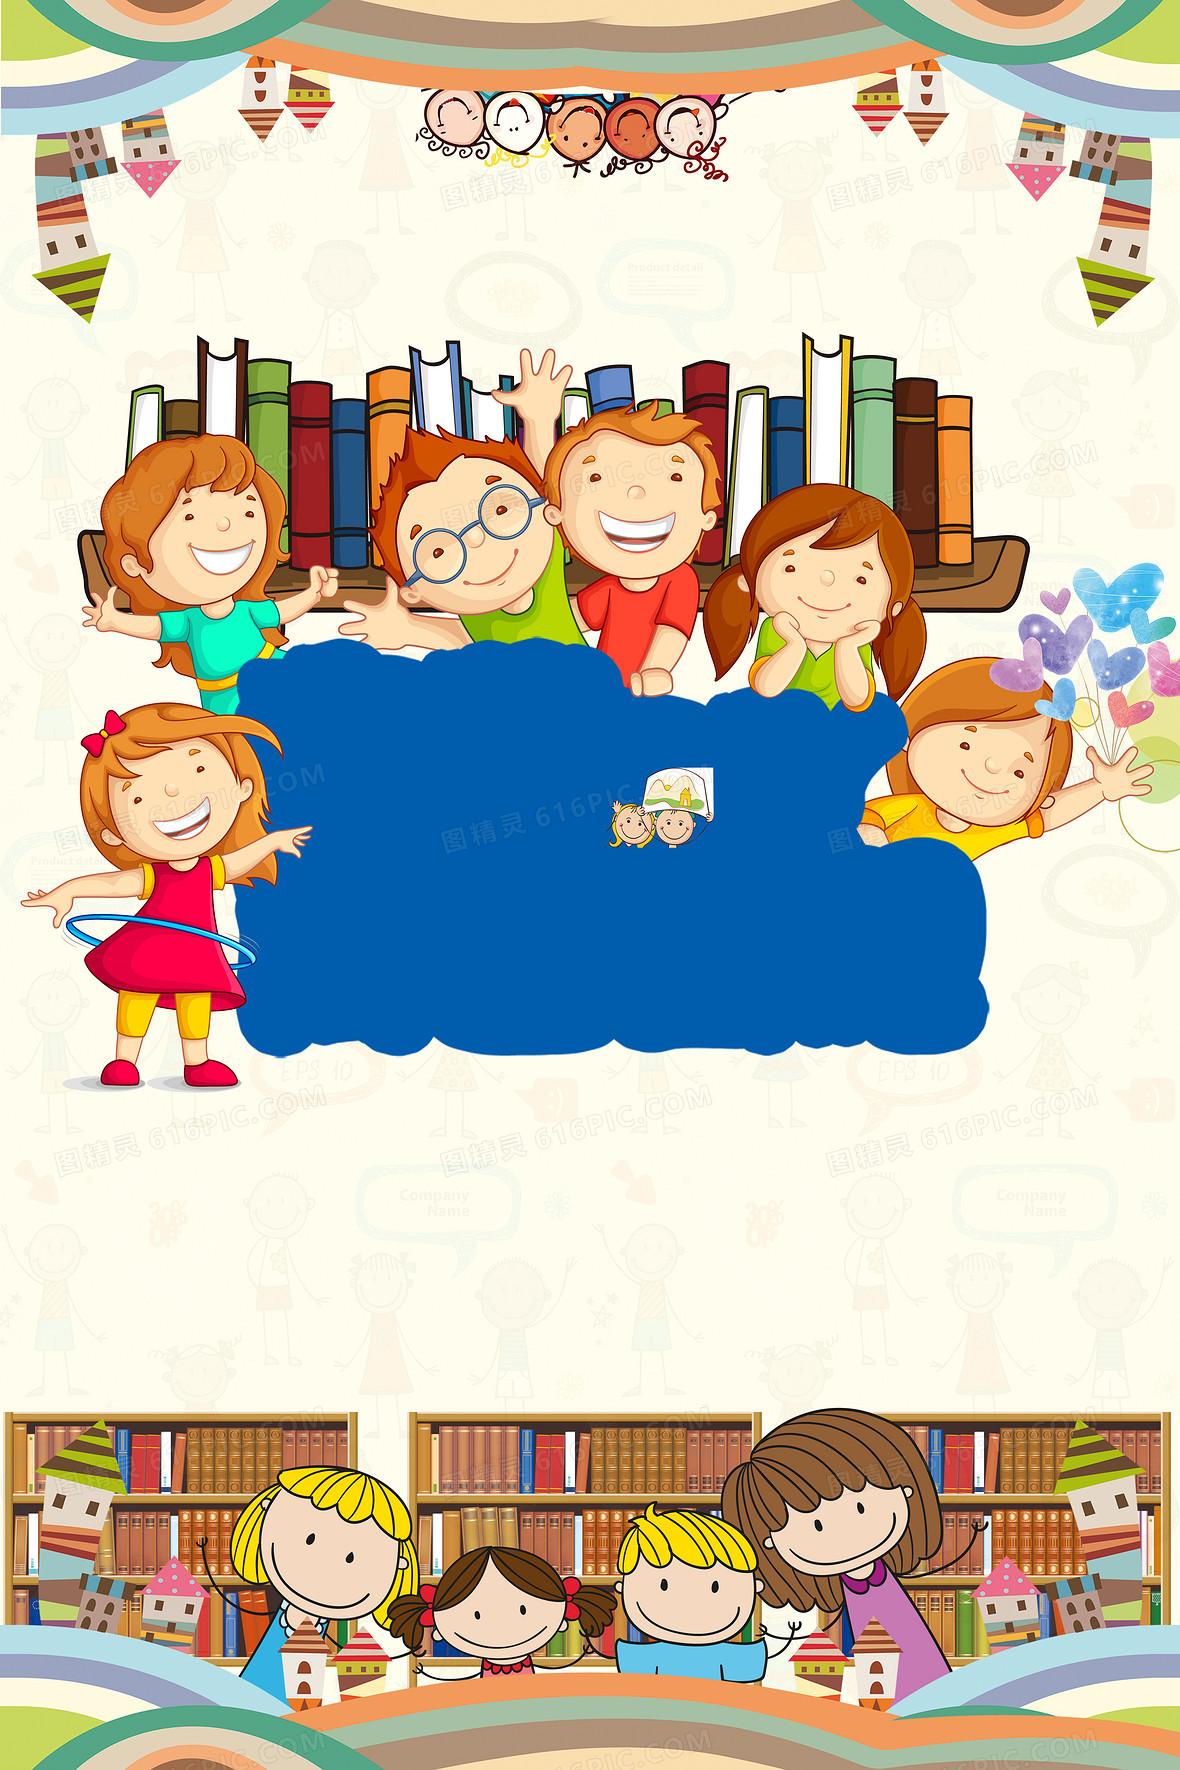 手绘卡通儿童小学生阅读宣传海报背景素材